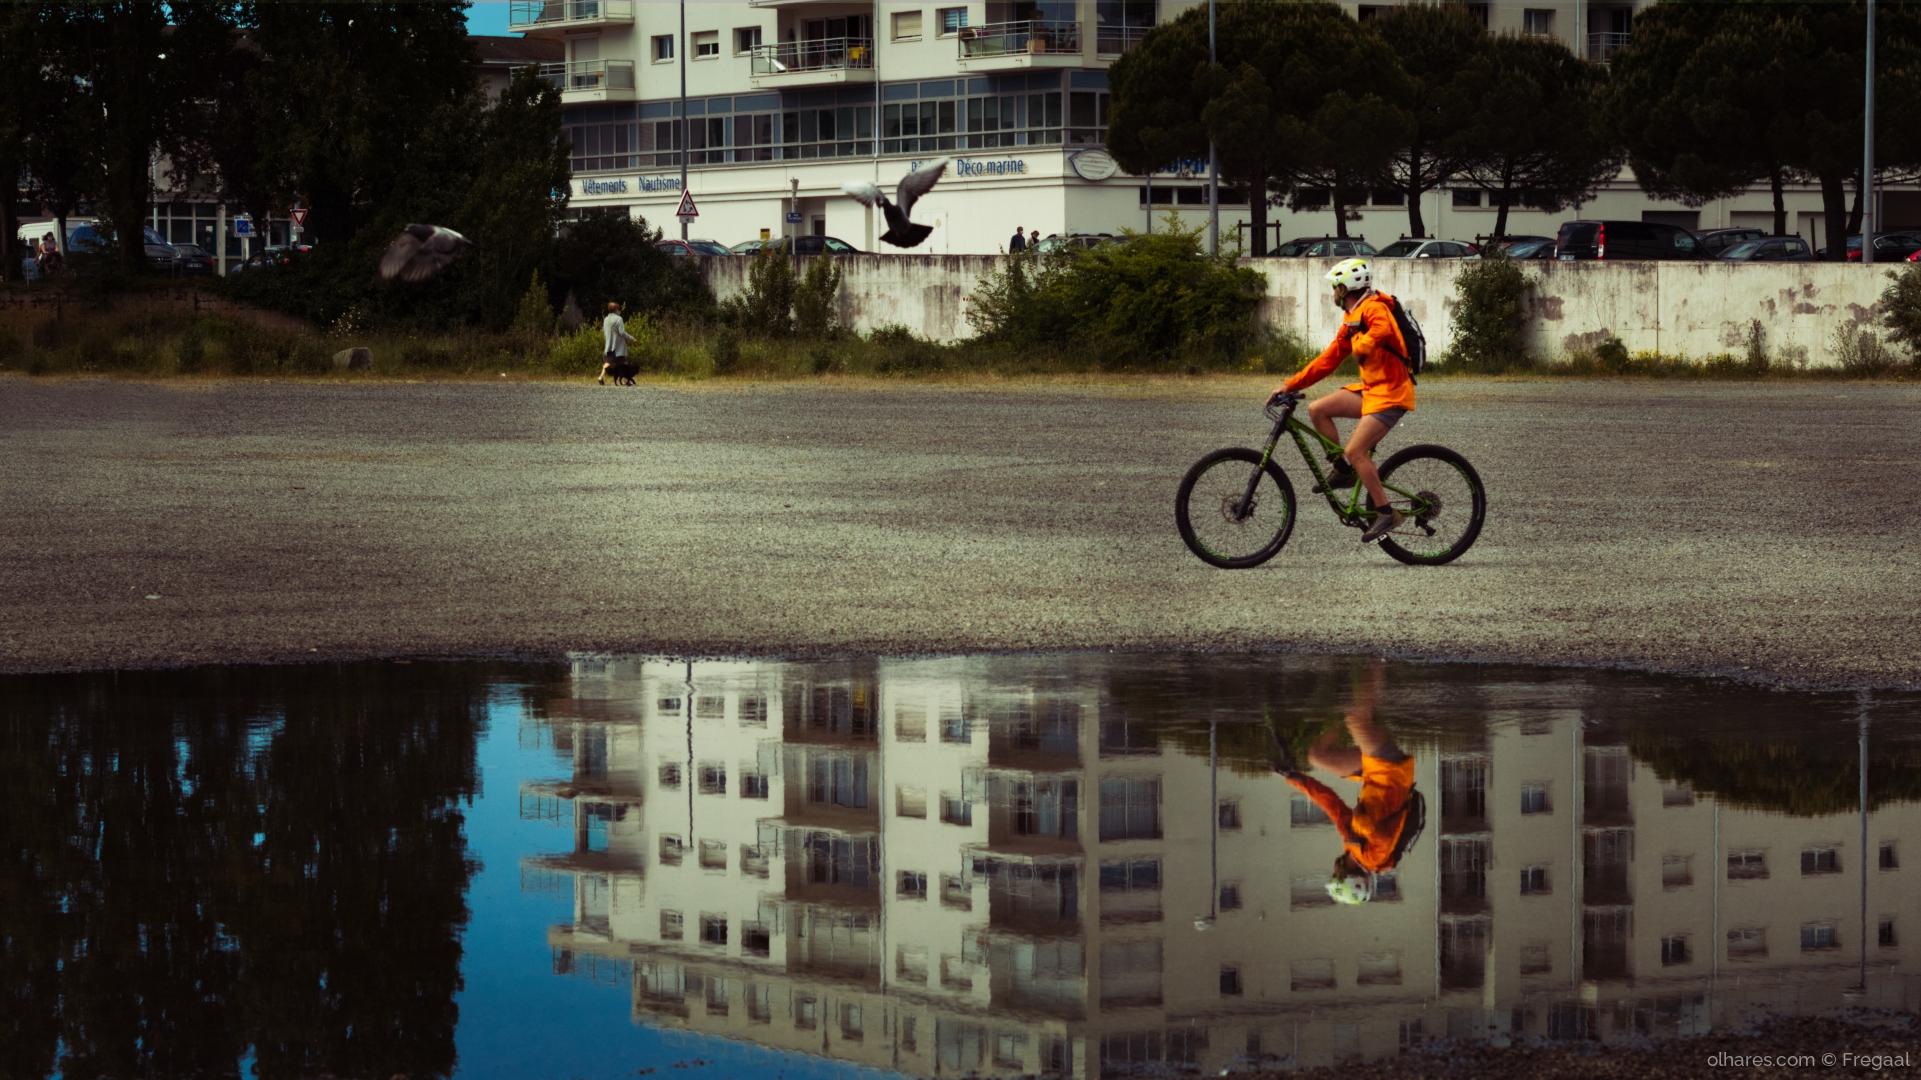 Fotografia de Rua/Bi-Ciclista